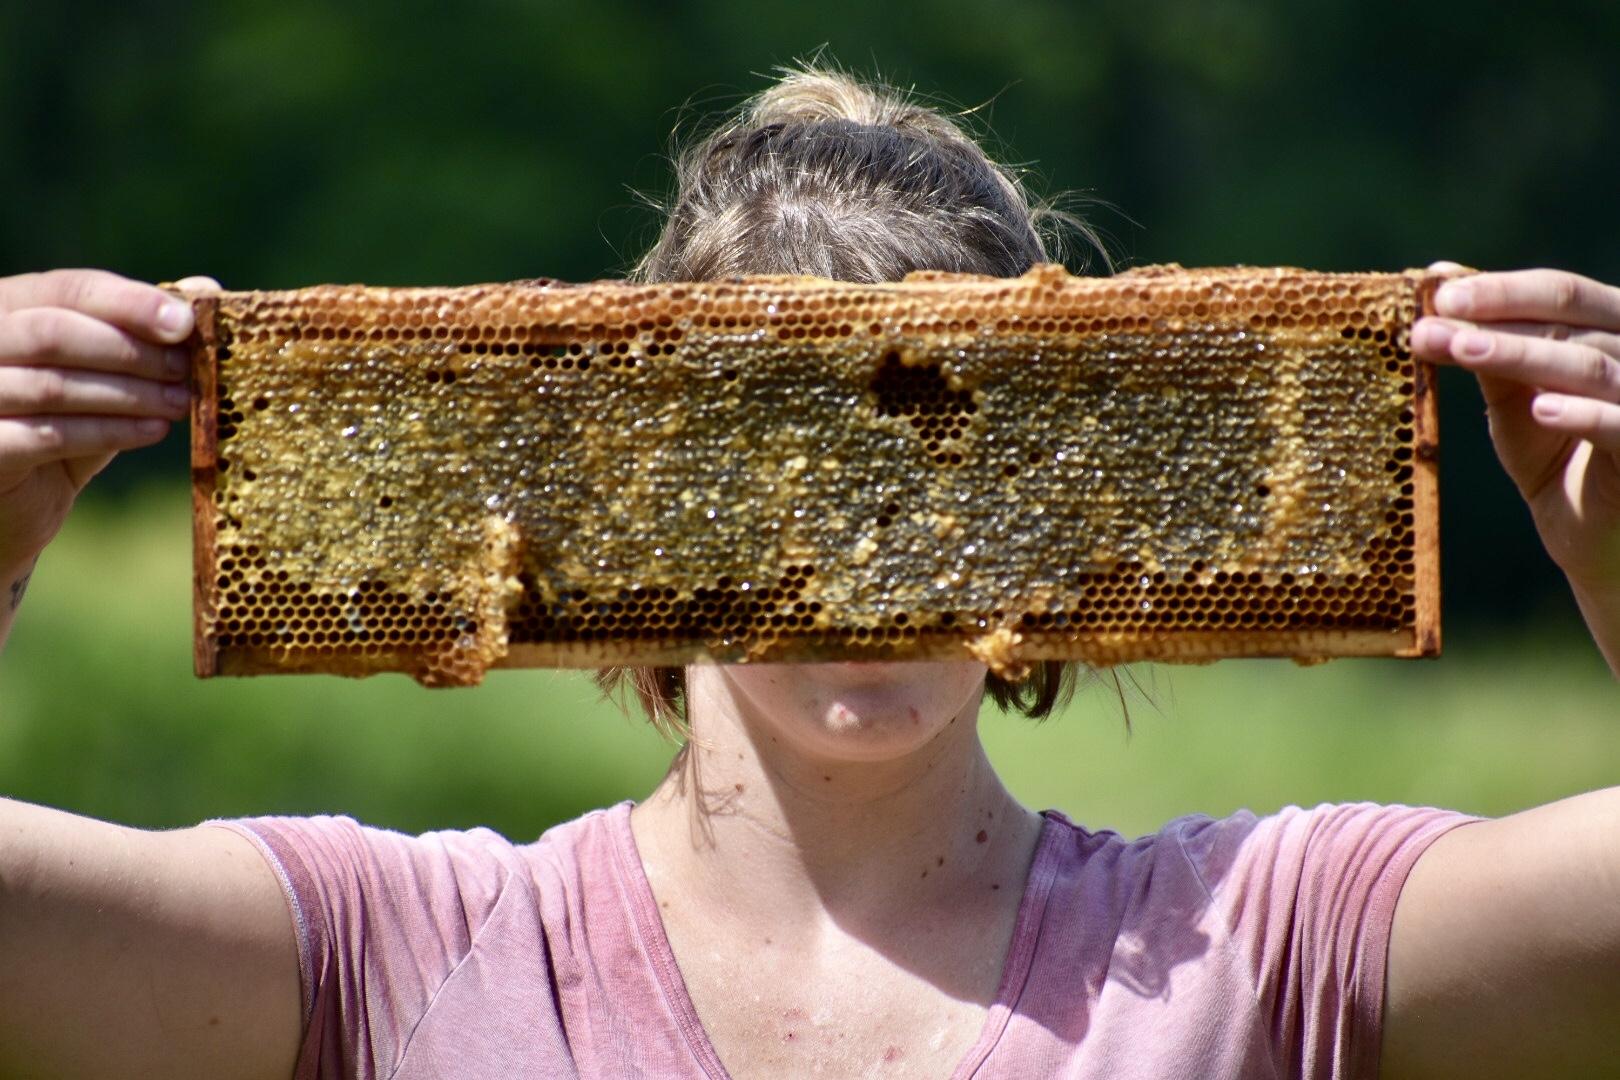 Frames Host A Hive Gaiser Bee Co.